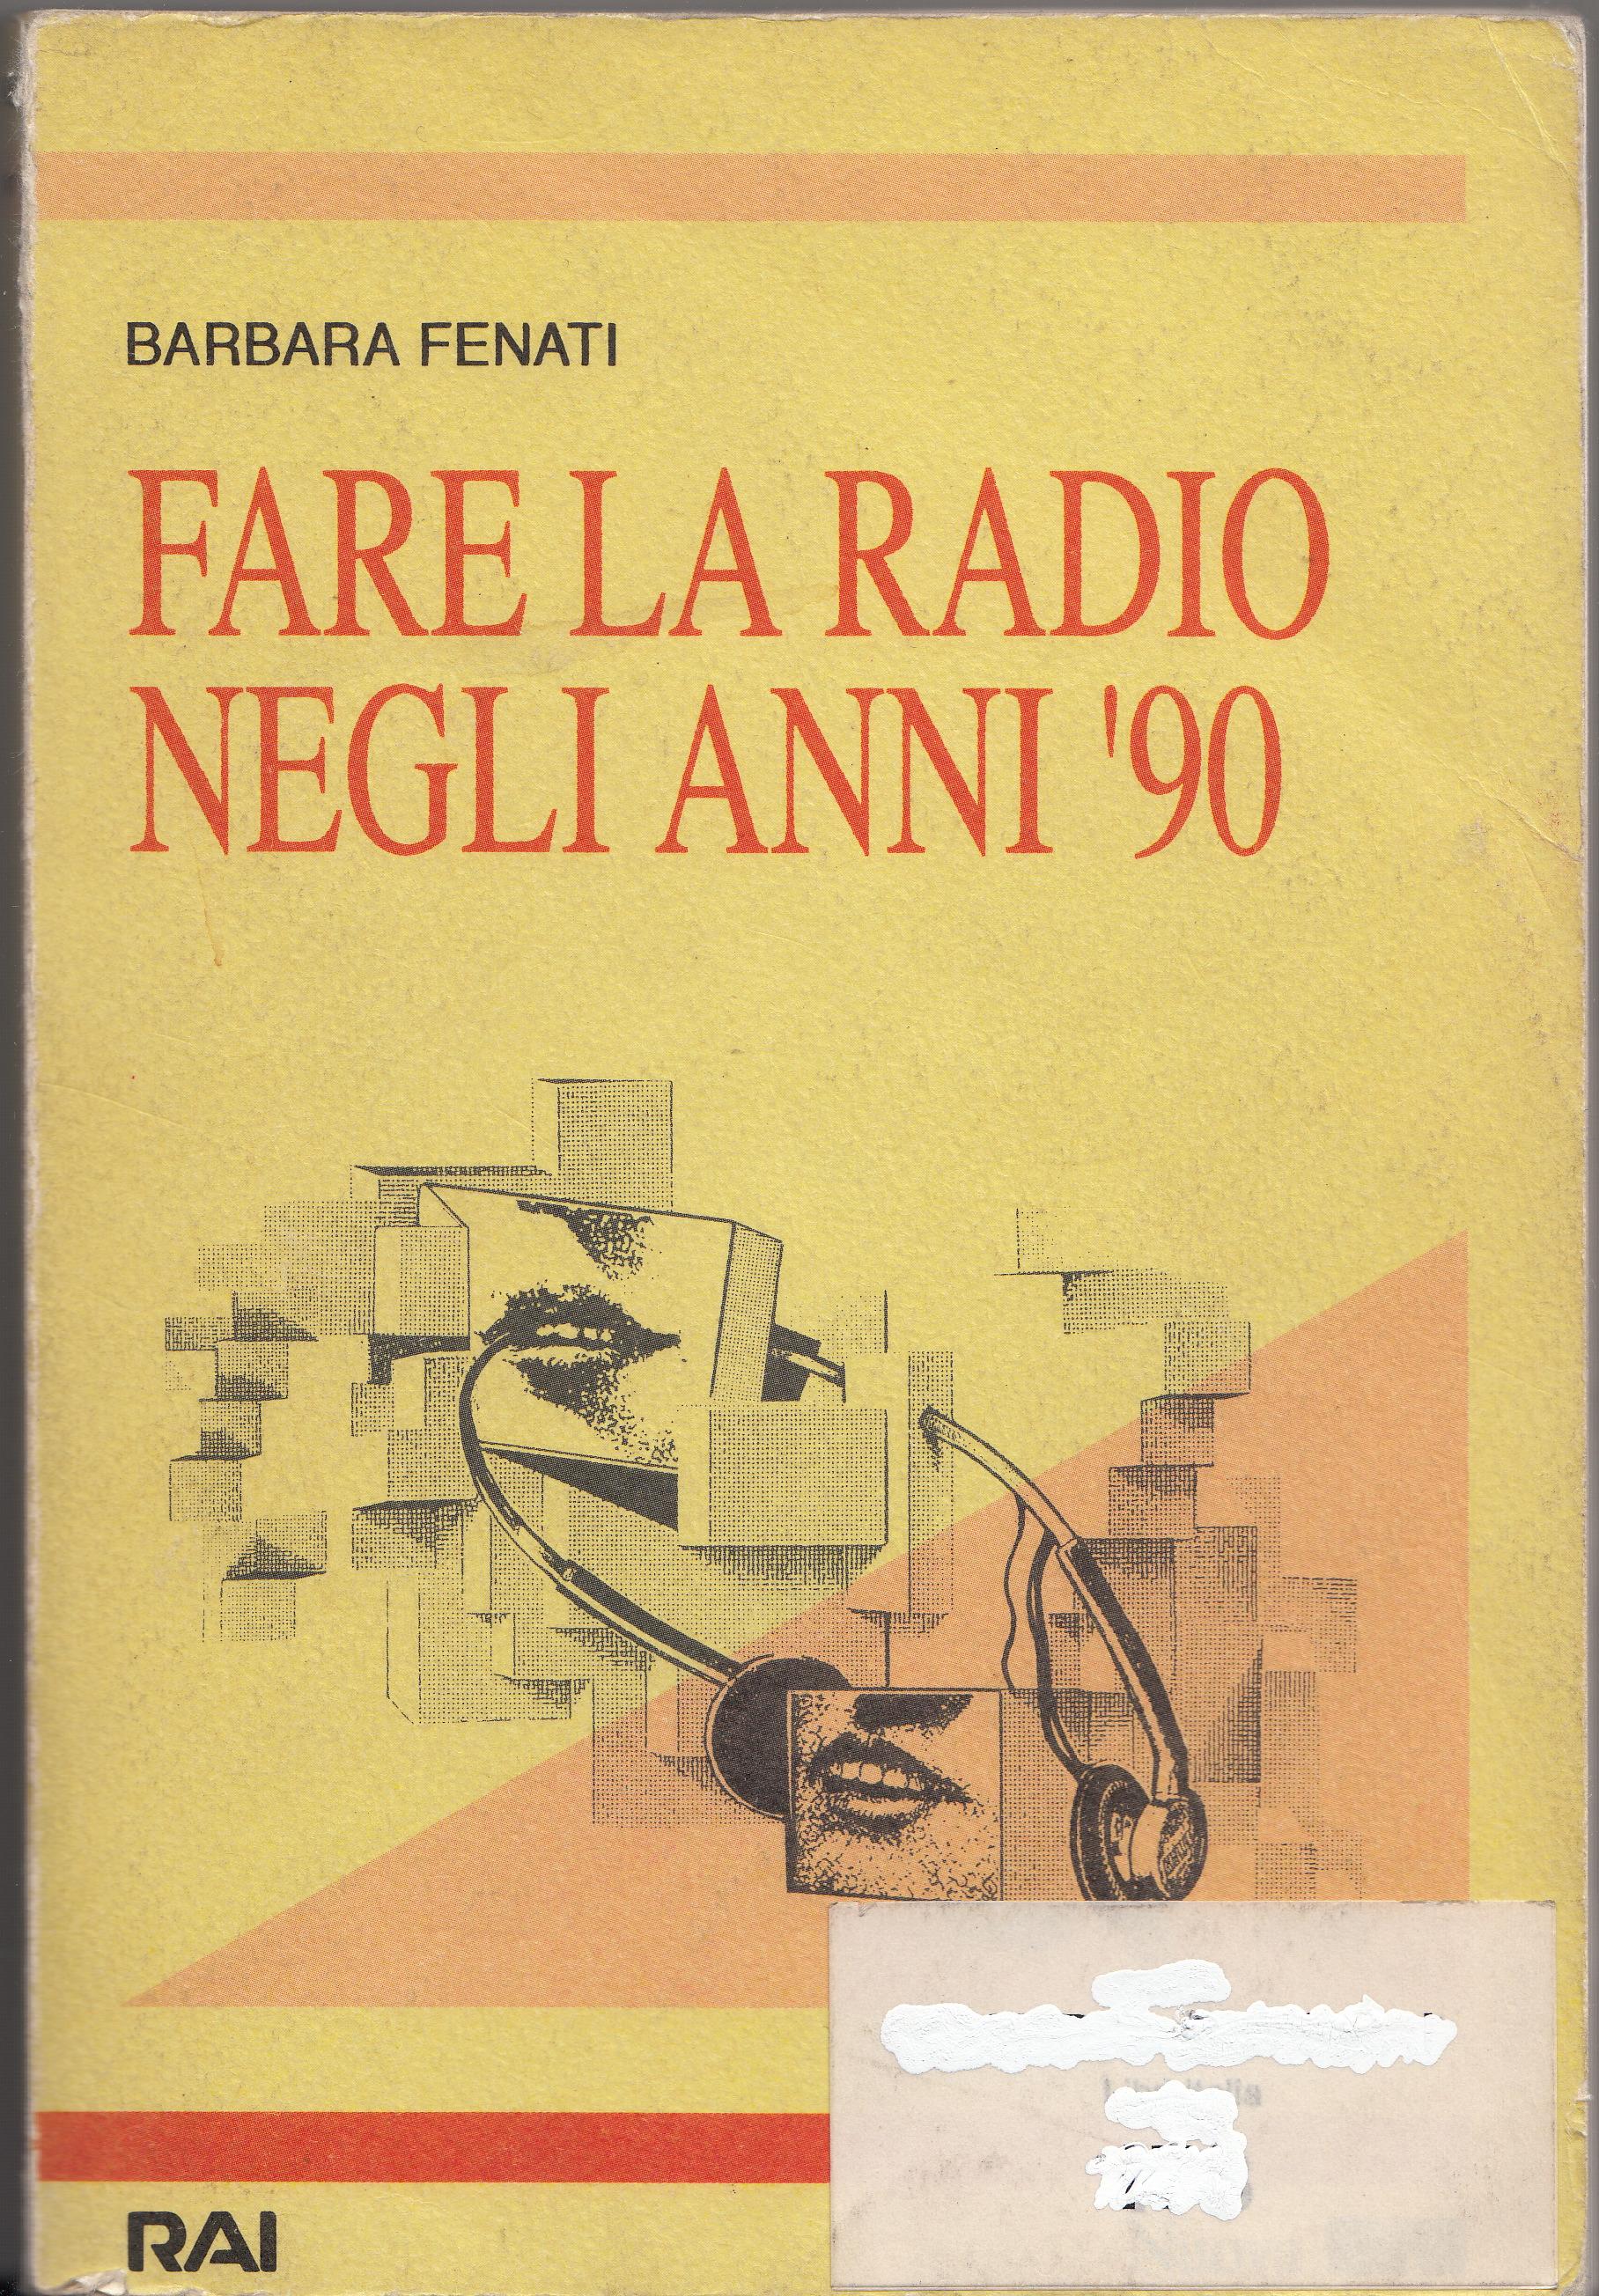 barbara-fenati-fare-la-radio-engli-anni-90